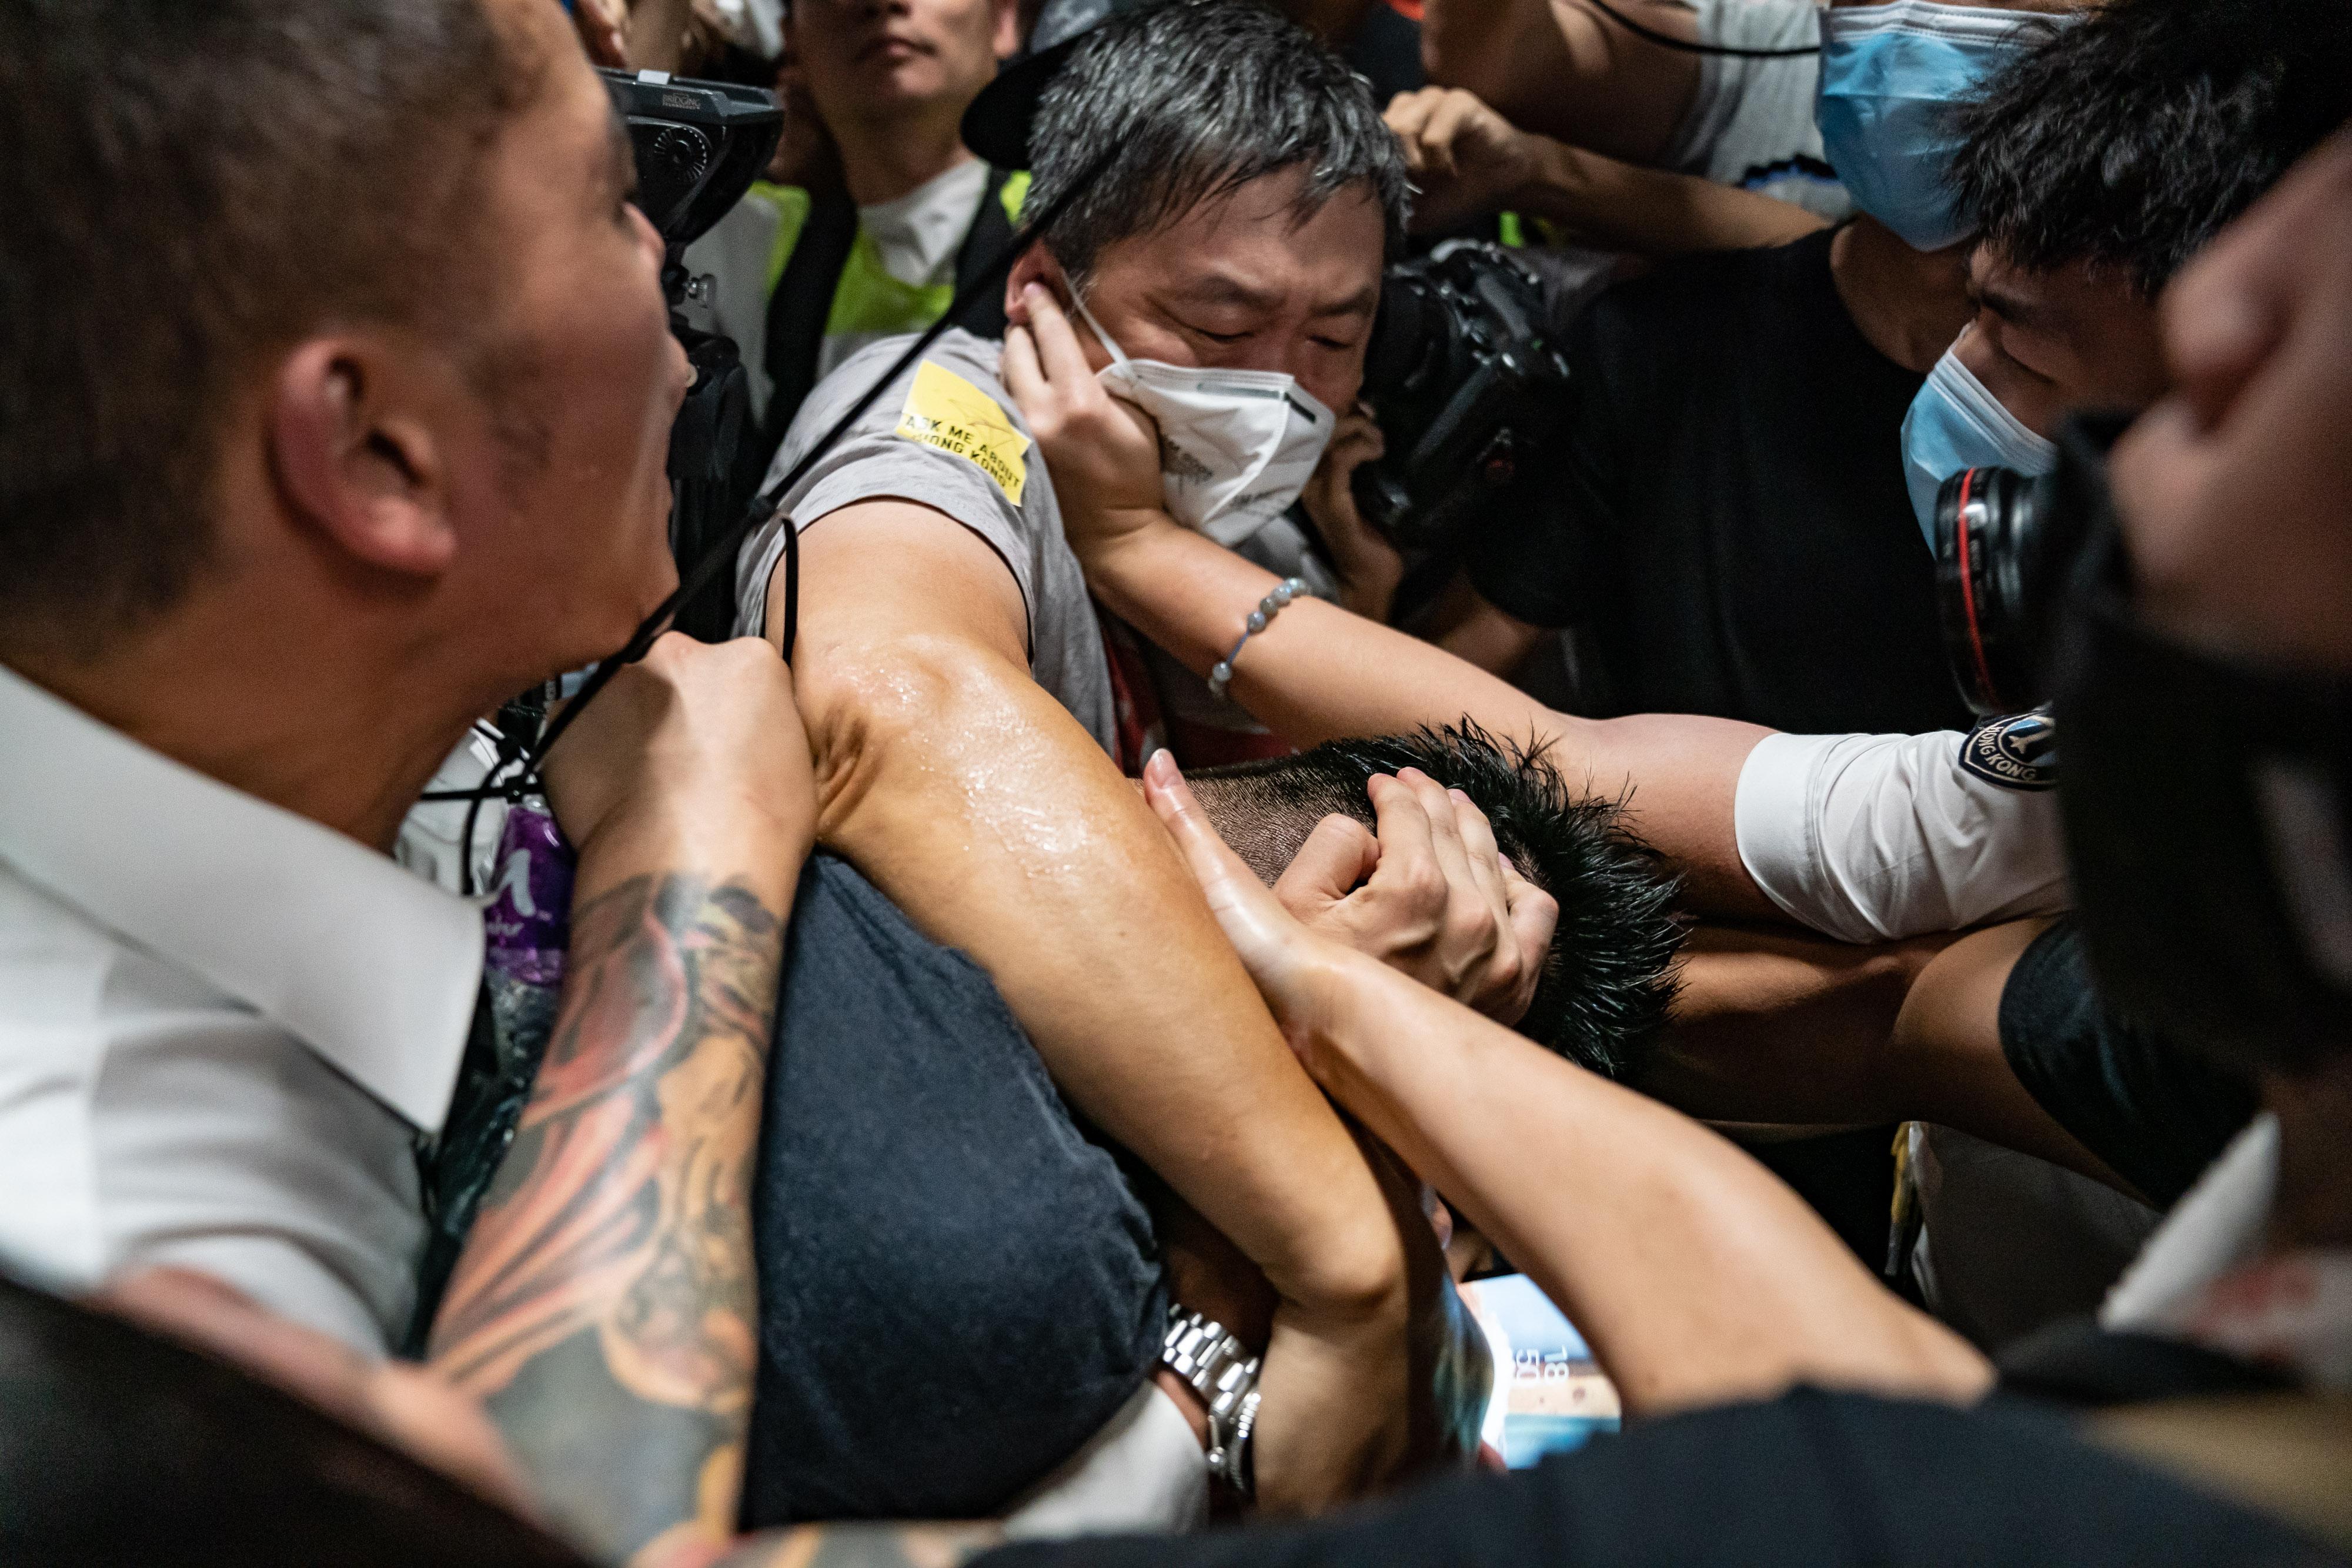 Haos în Hong Kong. Au loc ciocniri între forţele de ordine şi protestari la aeroport